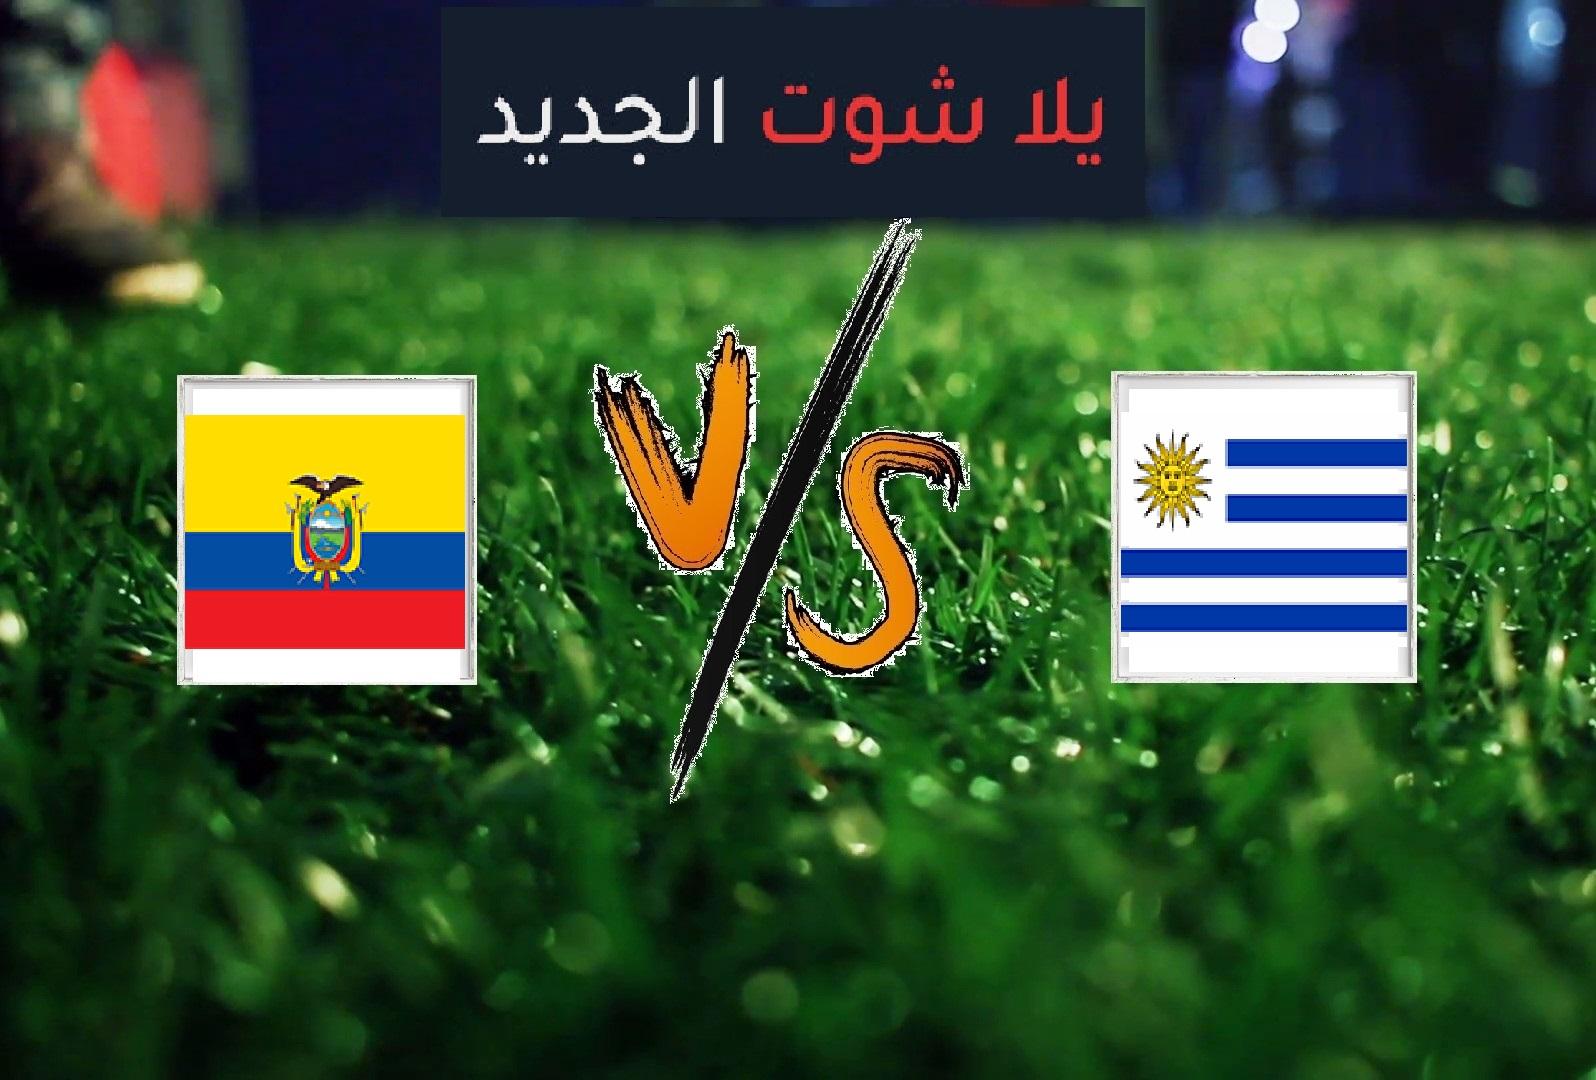 اوروجواي يفوز على الاكوادور برباعية نظيفة اليوم الاثنين بتاريخ 17-06-2019 في الجولة الأولي من كوبا أمريكا 2019